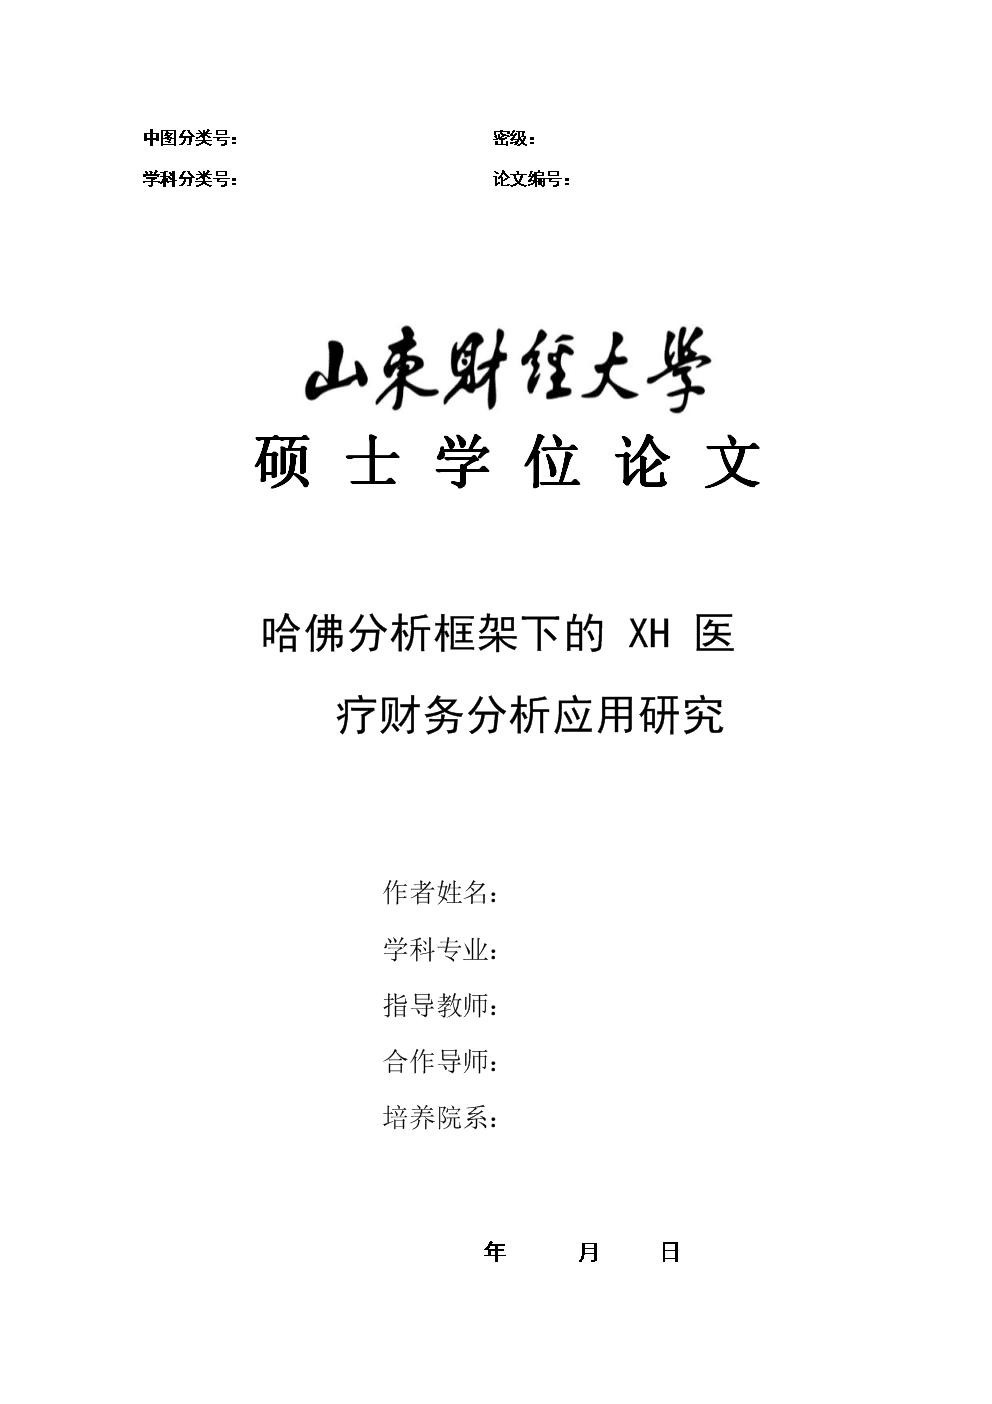 _哈佛分析框架下的XH医疗财务分析应用研究.doc